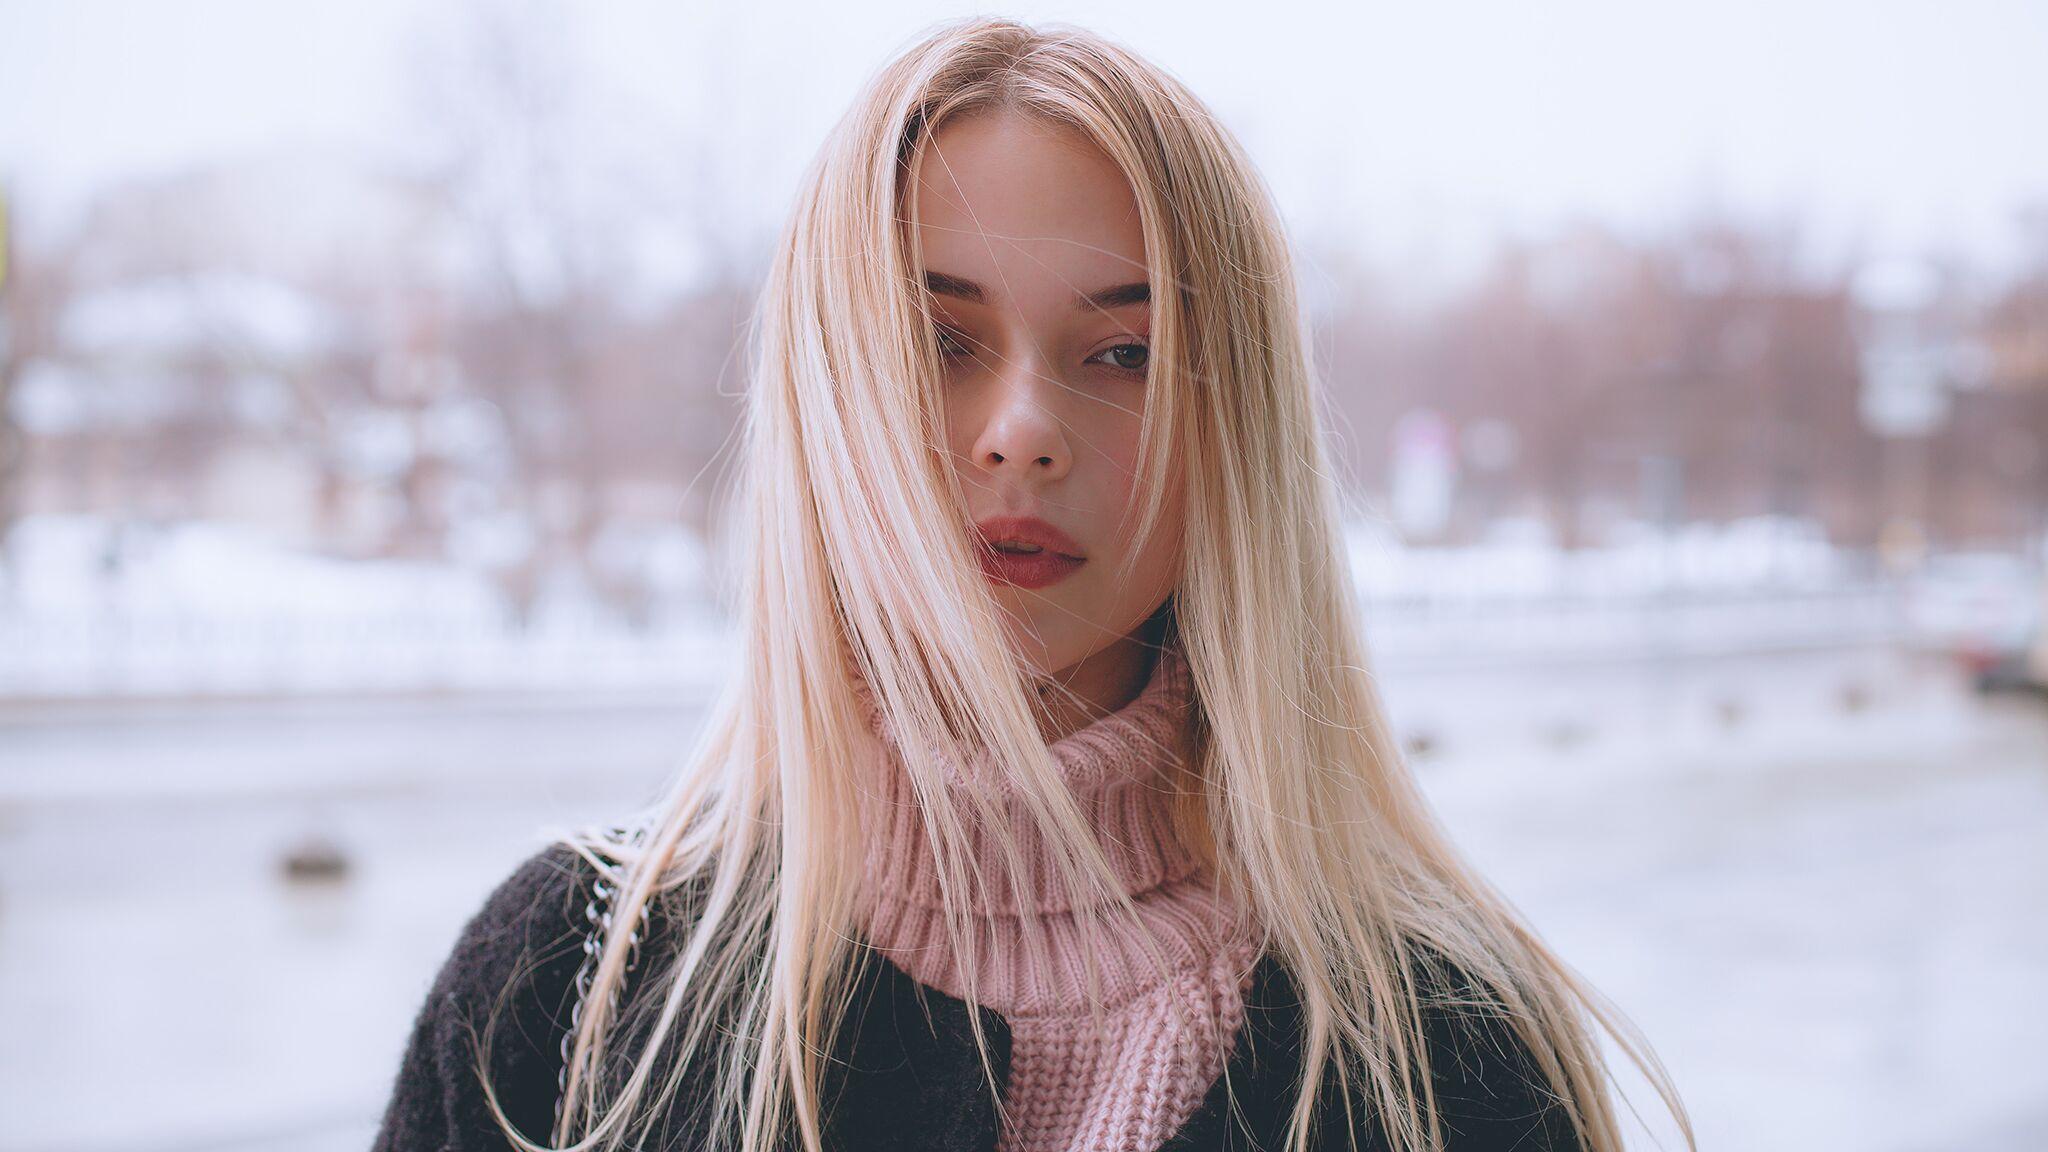 Cheveux : comment bien entretenir son blond